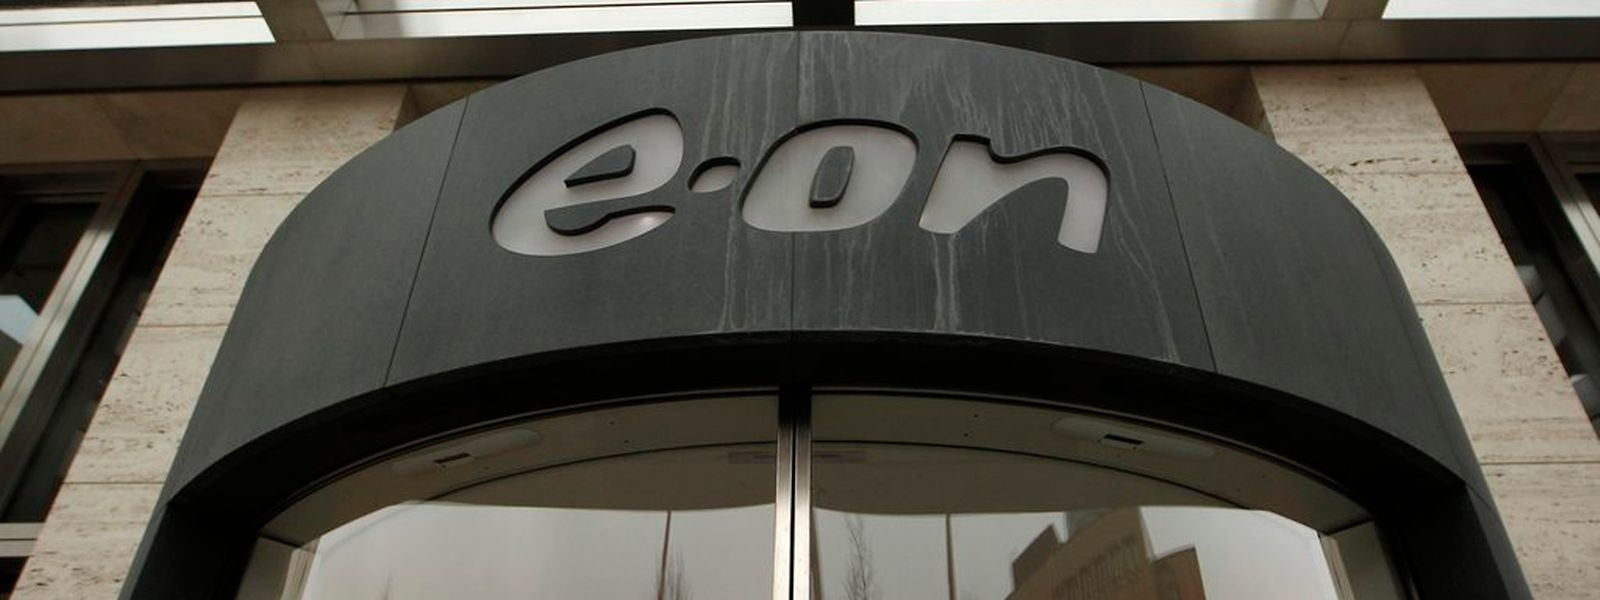 Der Energieriese E.on muss den schwersten Verlust seit seiner Gründung im Jahr 2000 verbuchen.(Foto: Reuters)